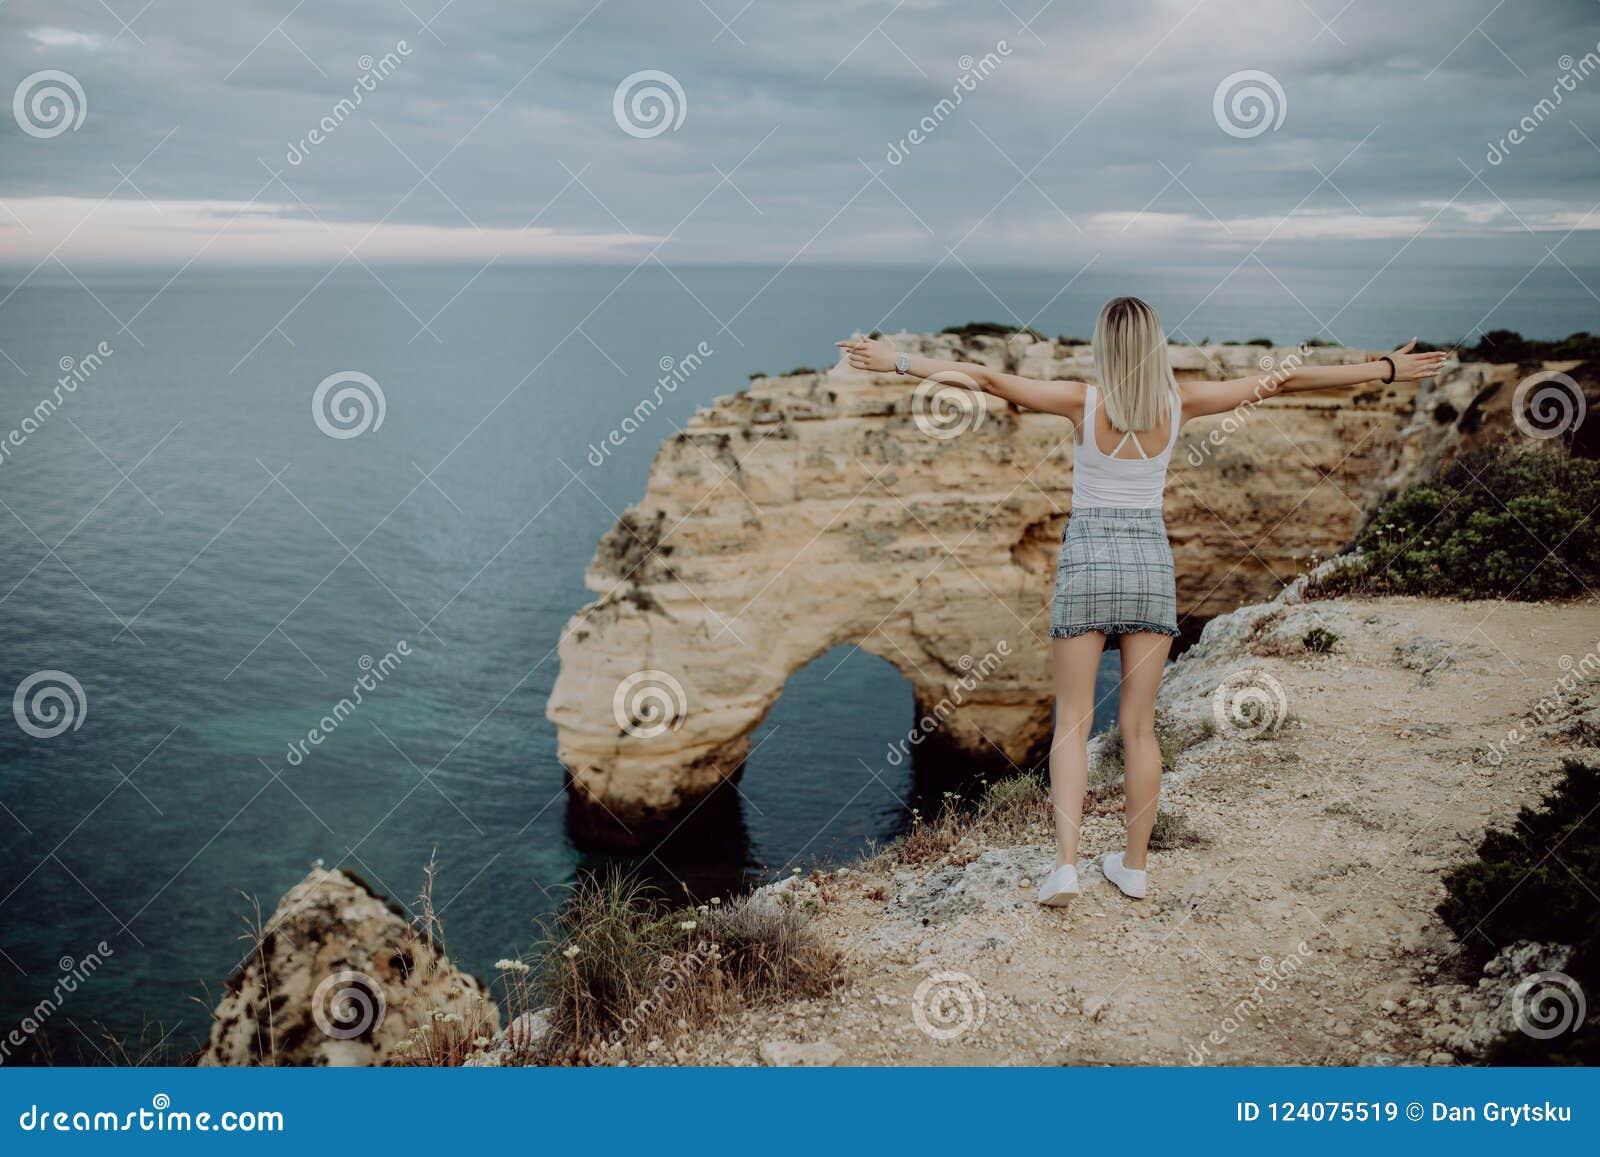 задний взгляд Турист молодой женщины наслаждается красивыми видами Атлантического океана и ландшафтом с побережья в порте